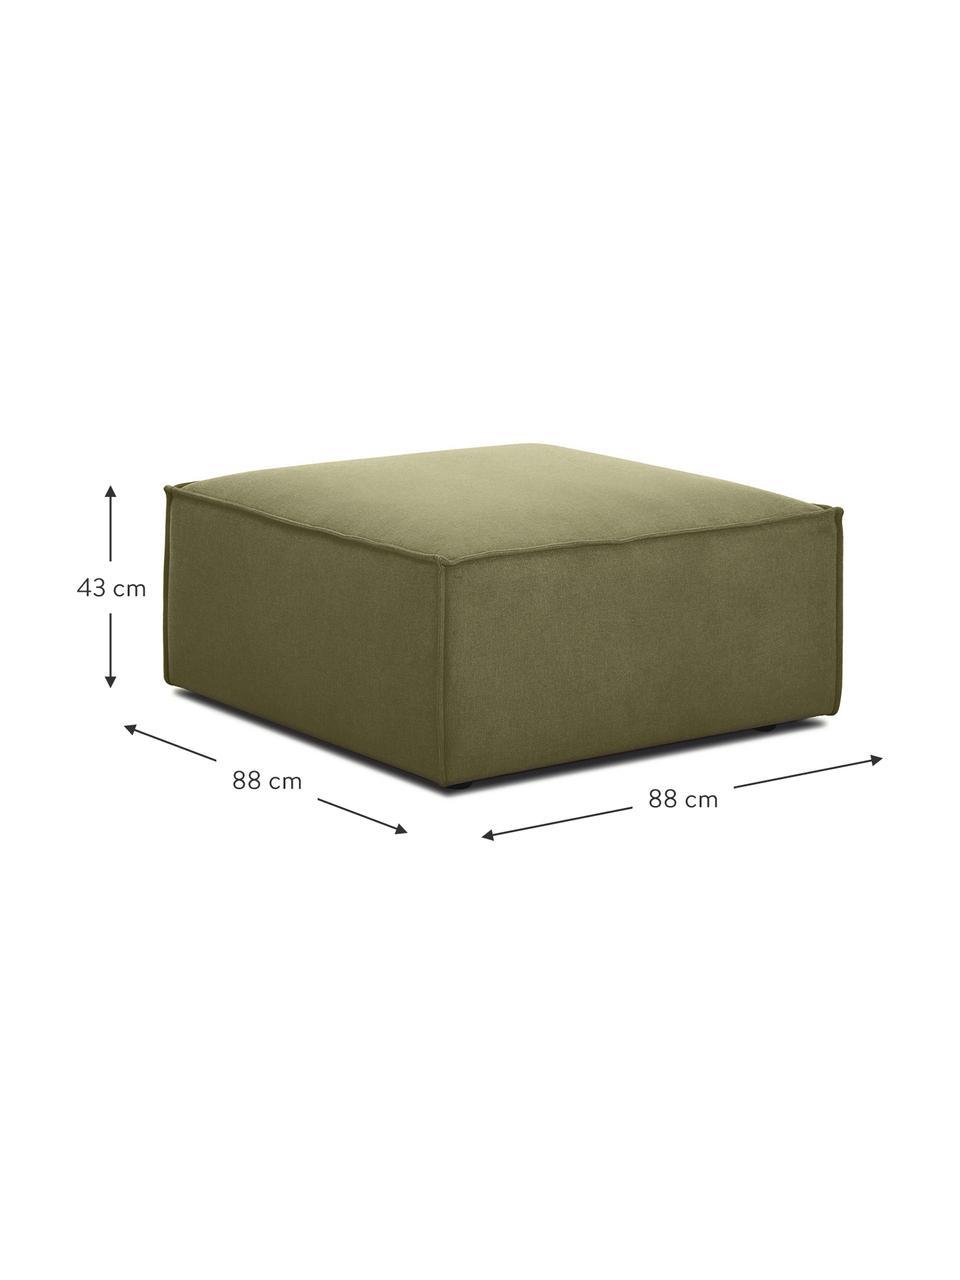 Poggiapiedi da divano in tessuto verde Lennon, Rivestimento: 100% poliestere Il rivest, Struttura: legno di pino massiccio, , Piedini: materiale sintetico I pie, Rivestimento: verde Piedini: nero, Larg. 88 x Alt. 43 cm